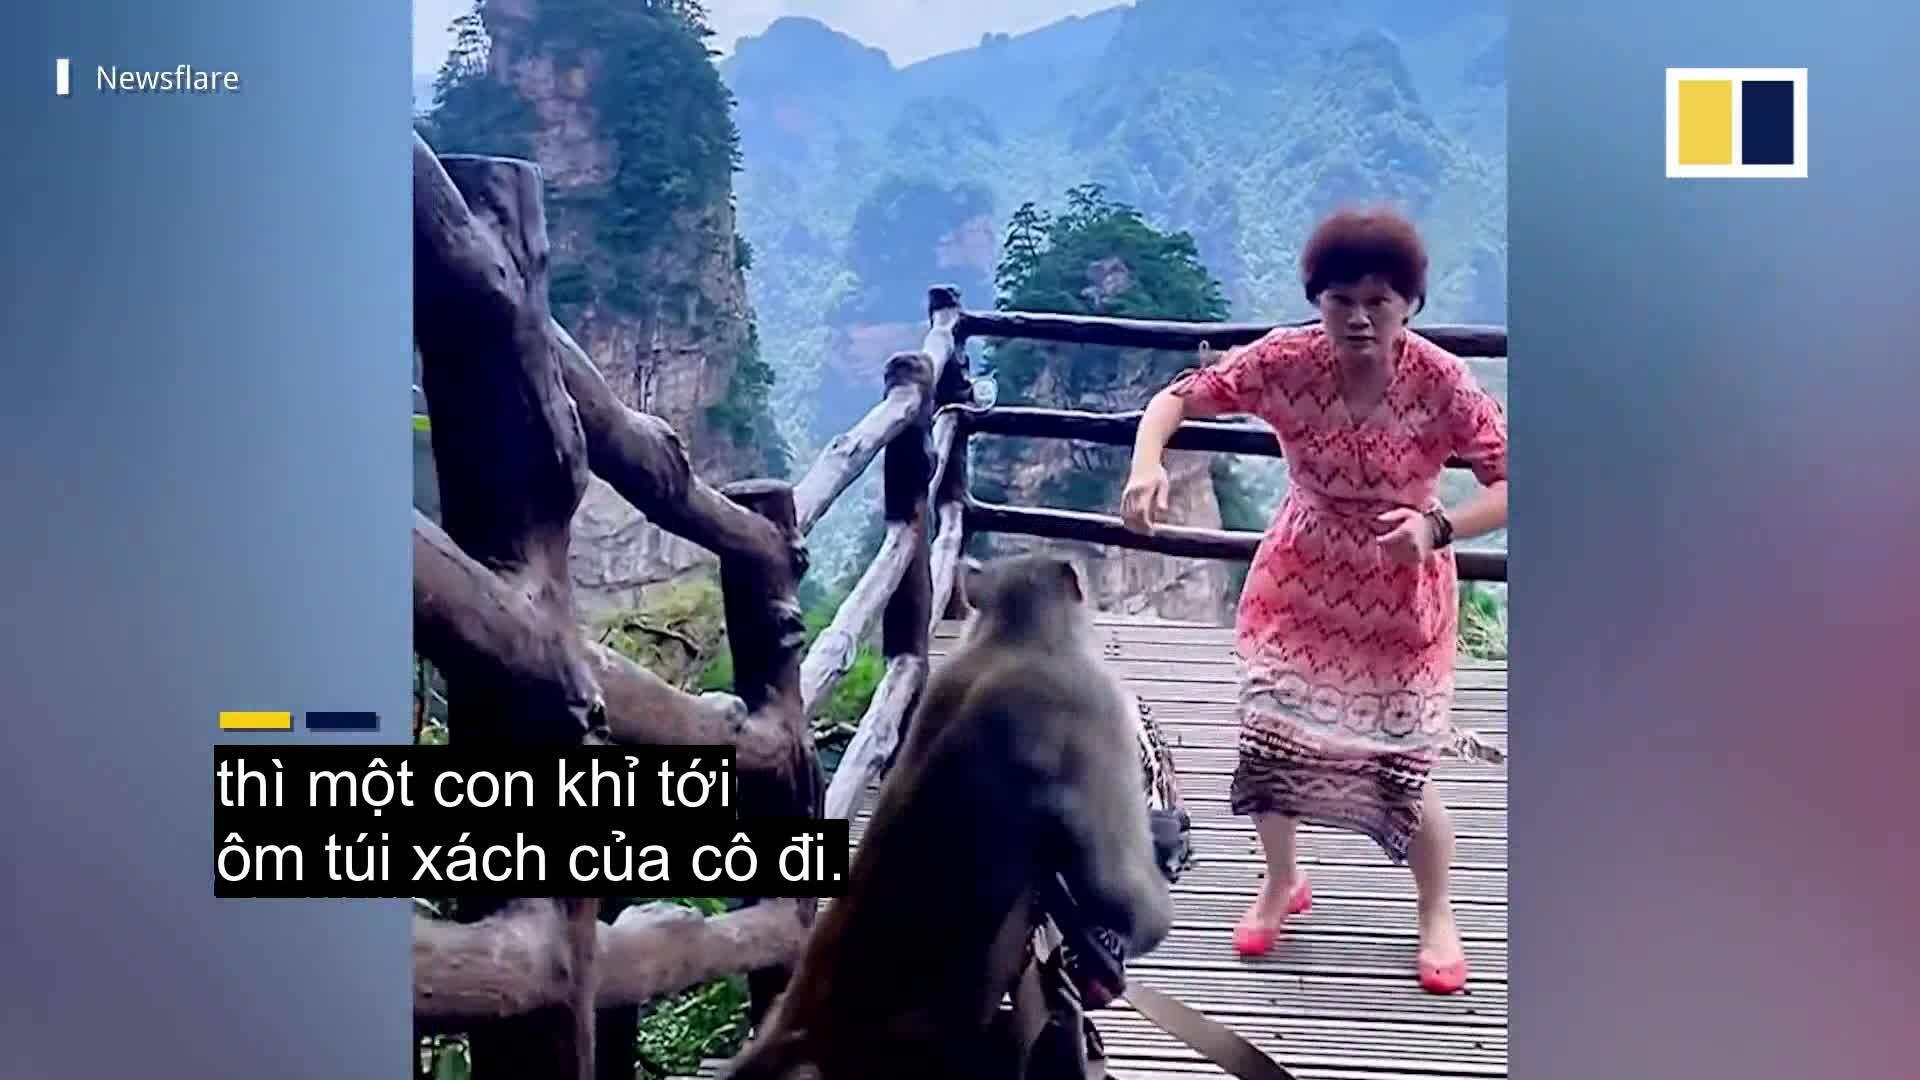 Bị khỉ trộm túi xách vì mải nhảy múa